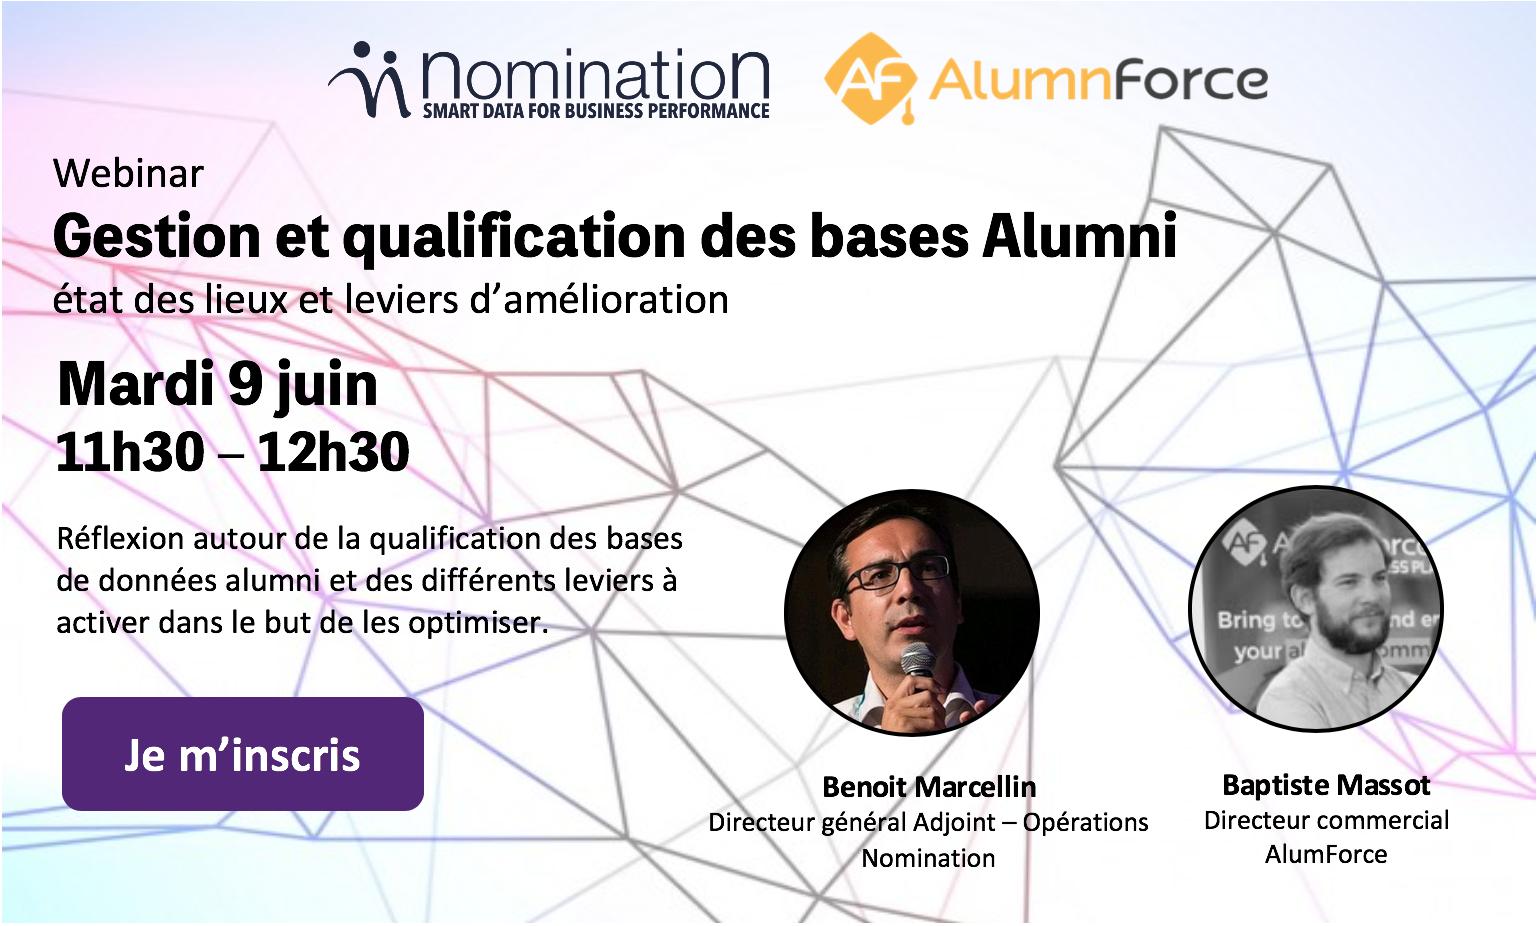 Évènement Webinar – Gestion et qualification des bases Alumni Nomination